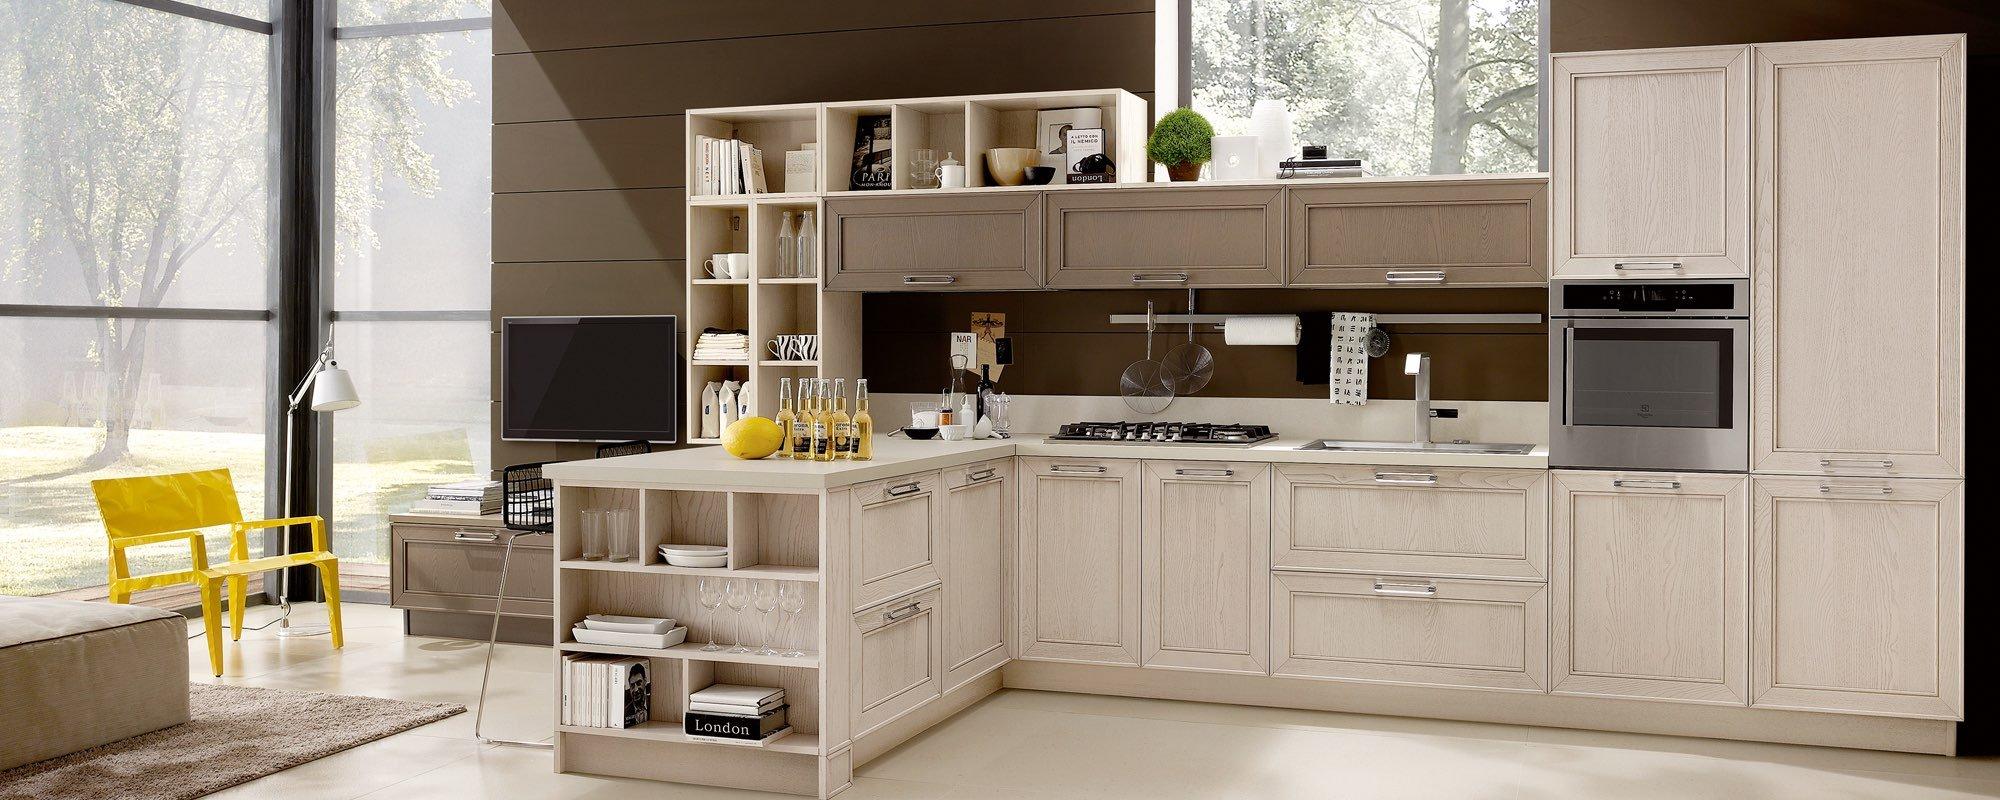 cucina moderna in legno ad angolo - MAXIM